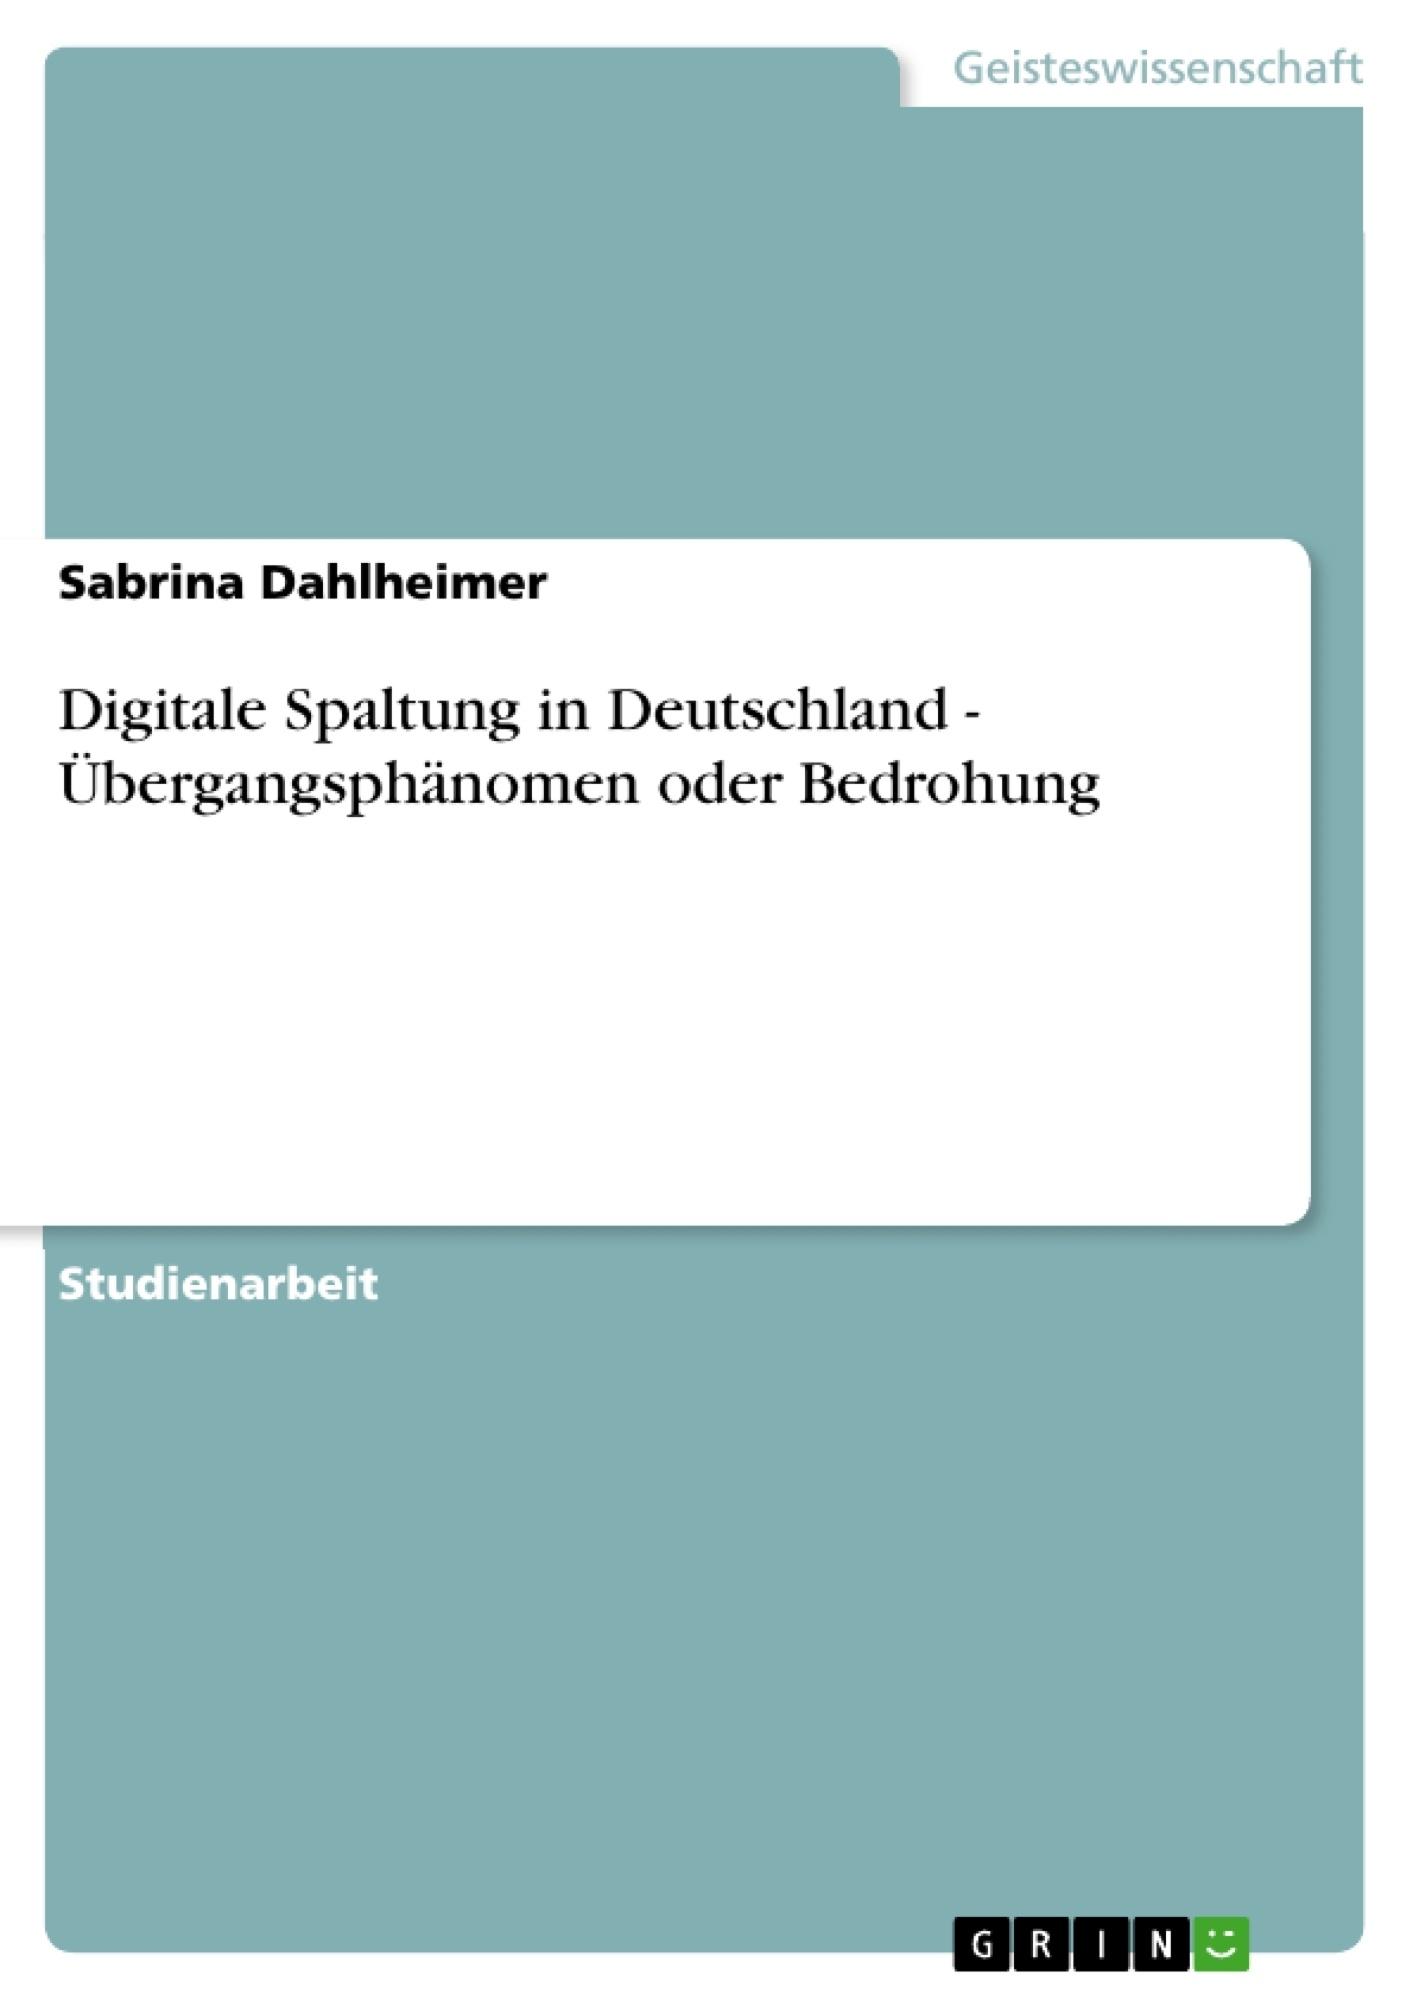 Titel: Digitale Spaltung in Deutschland - Übergangsphänomen oder Bedrohung